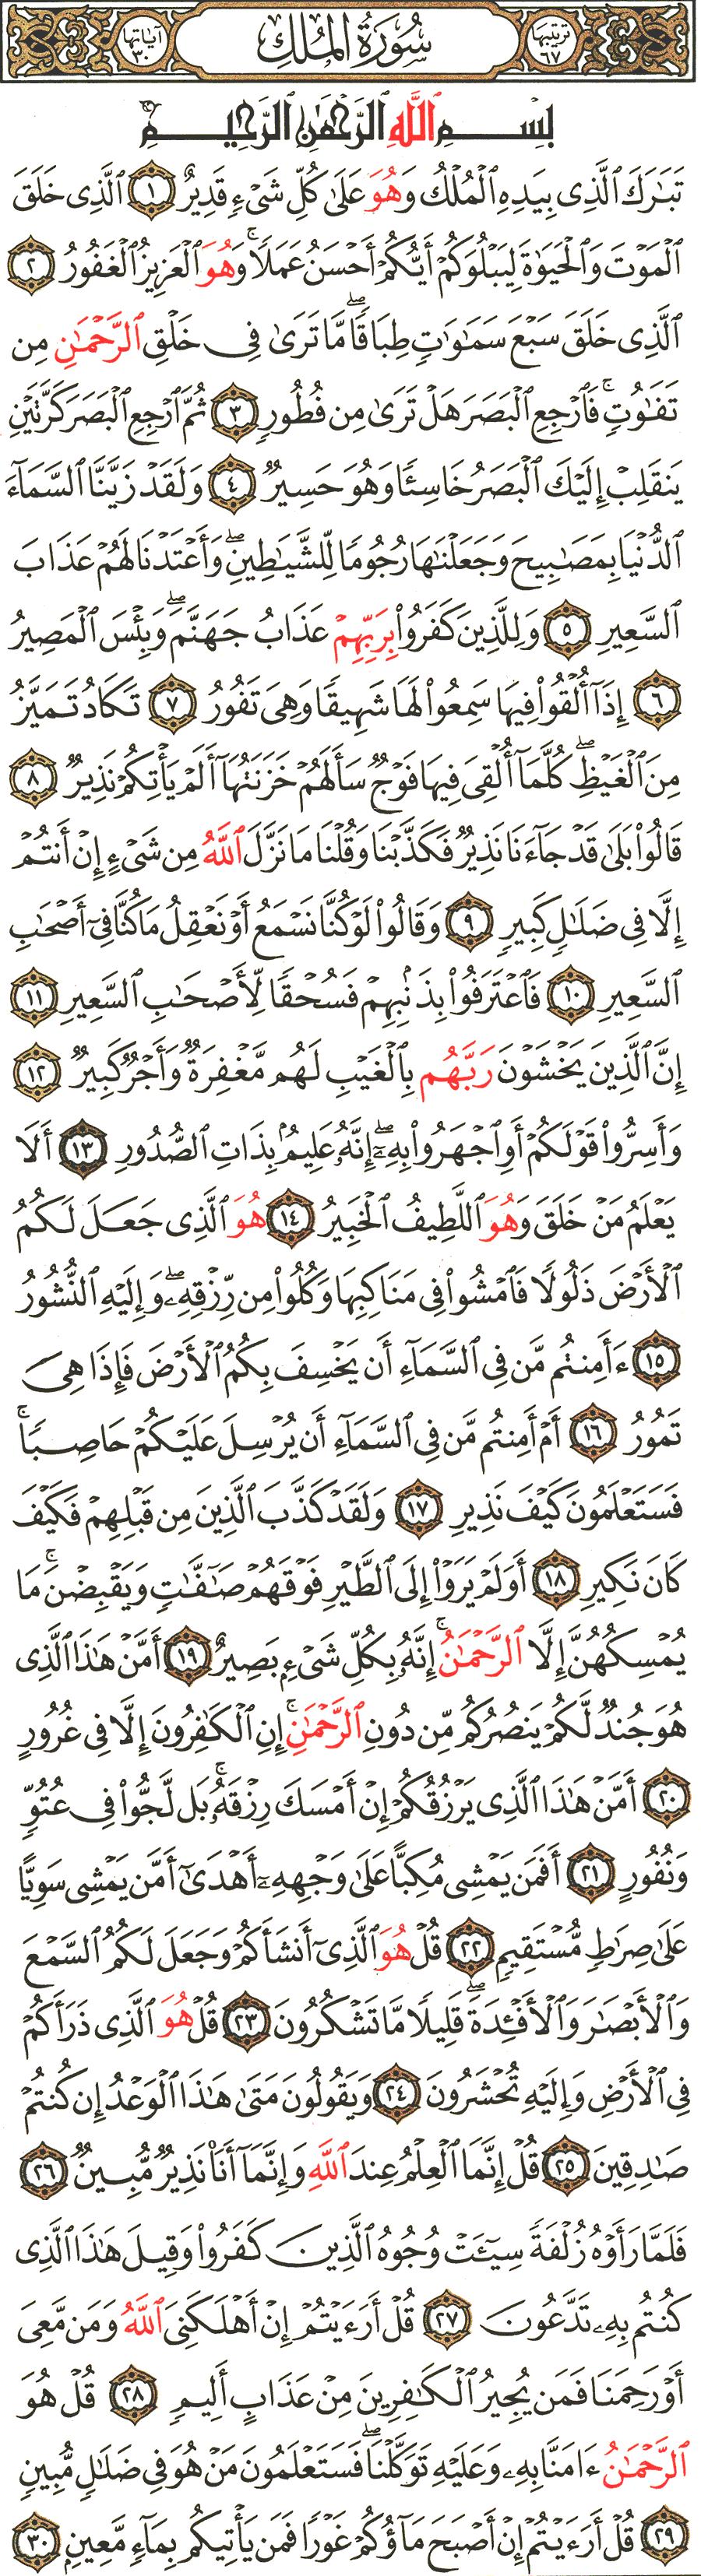 سورة الملك مكتوبة كاملة Quran Karim Quran Islam